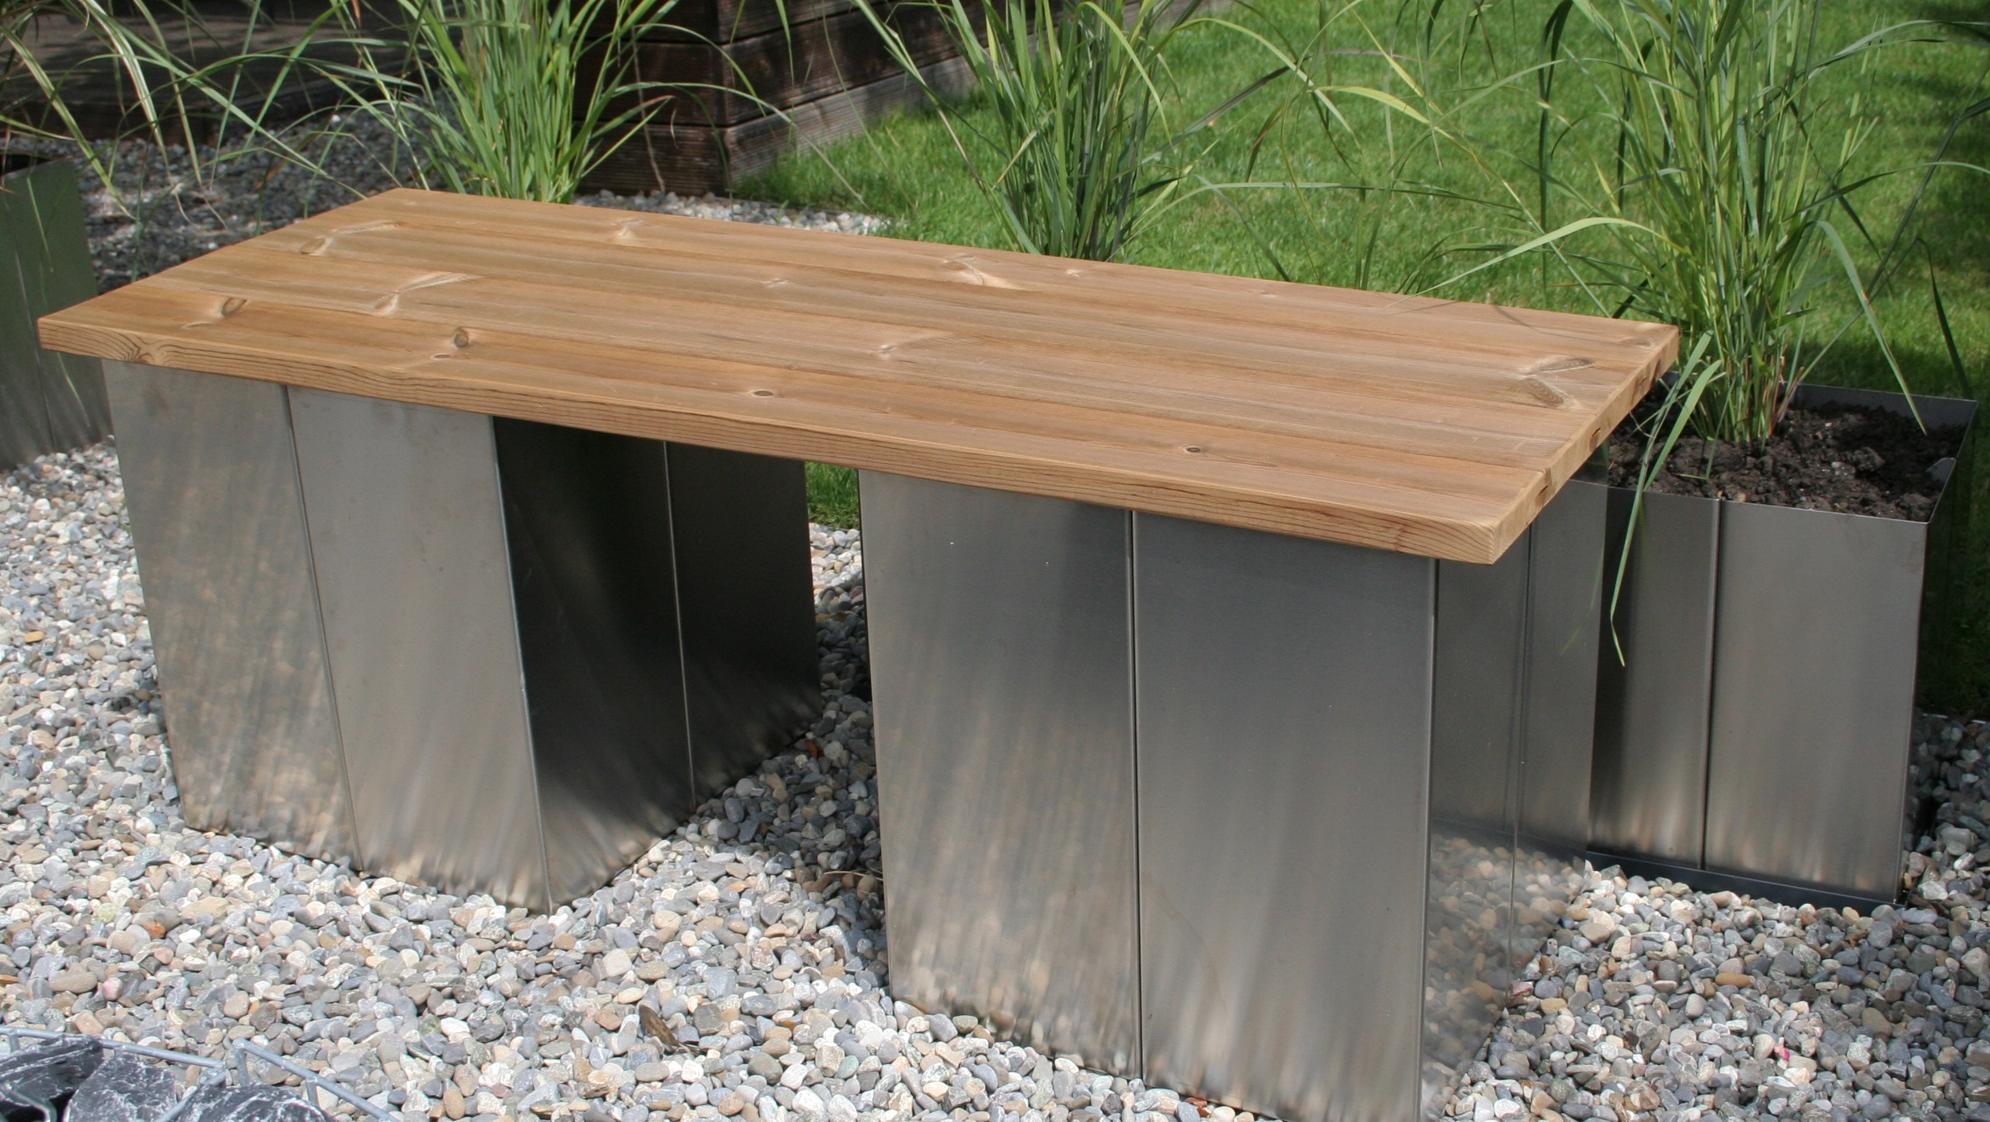 Garten im Quadrat  Puristische Garten-Bank ohne Lehne aus Edelstahl und Holz, modern